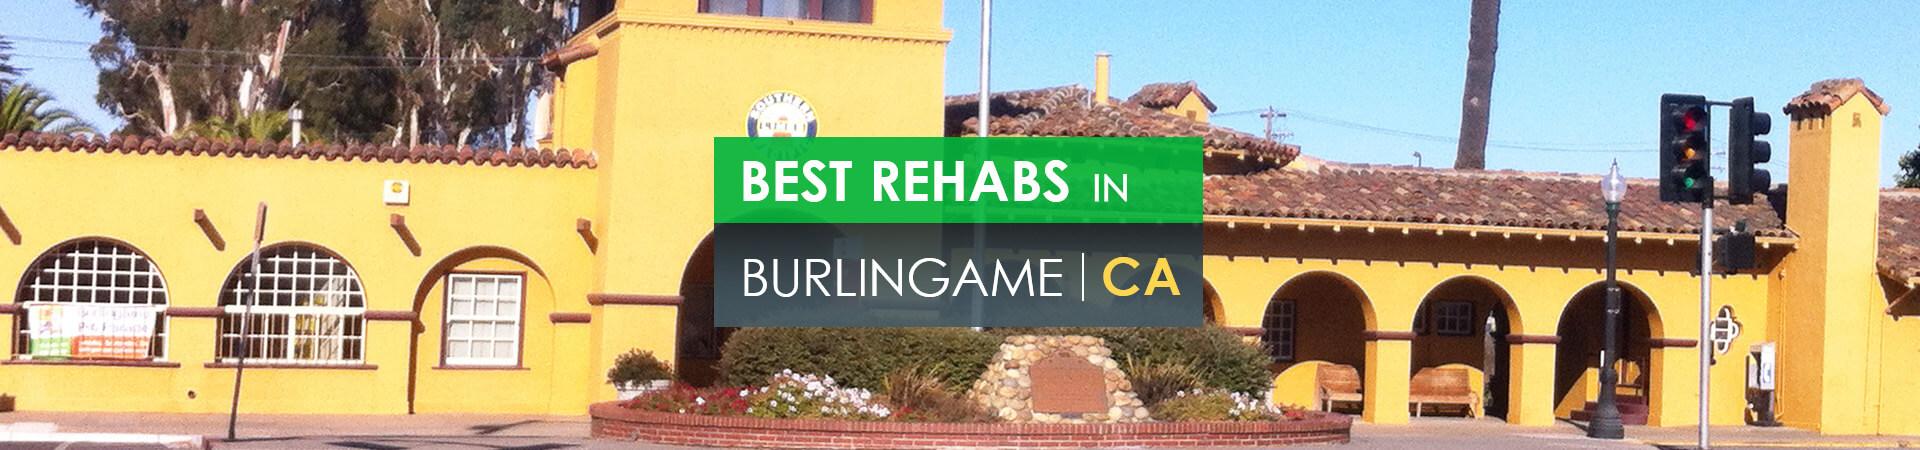 Best rehabs in Burlingame, CA